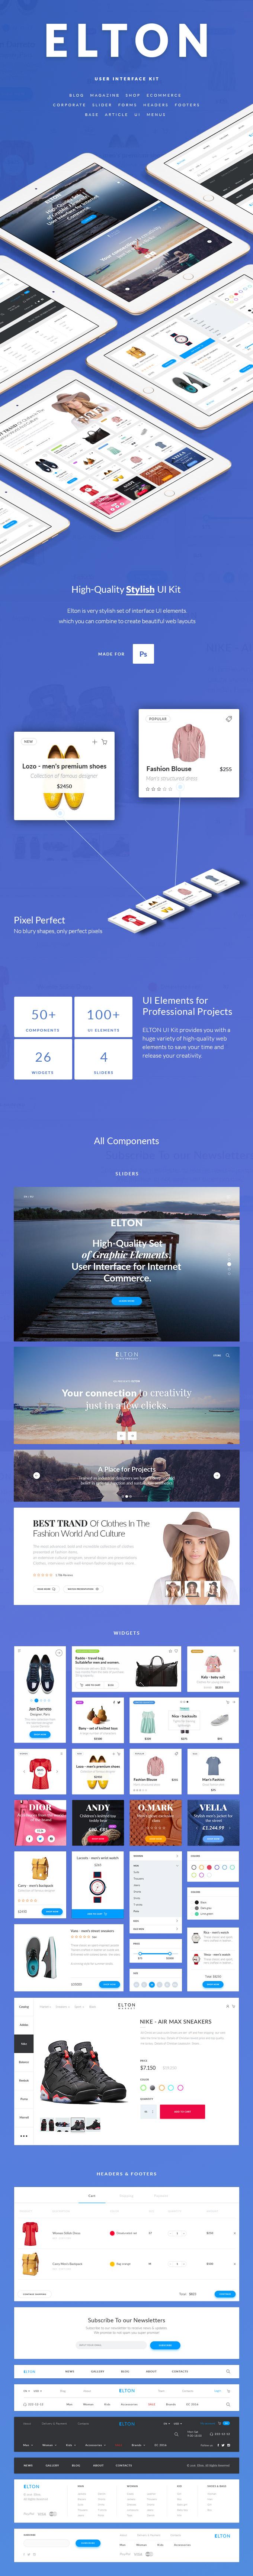 UI   现代简约时尚潮流购物网页平台设计素材模板